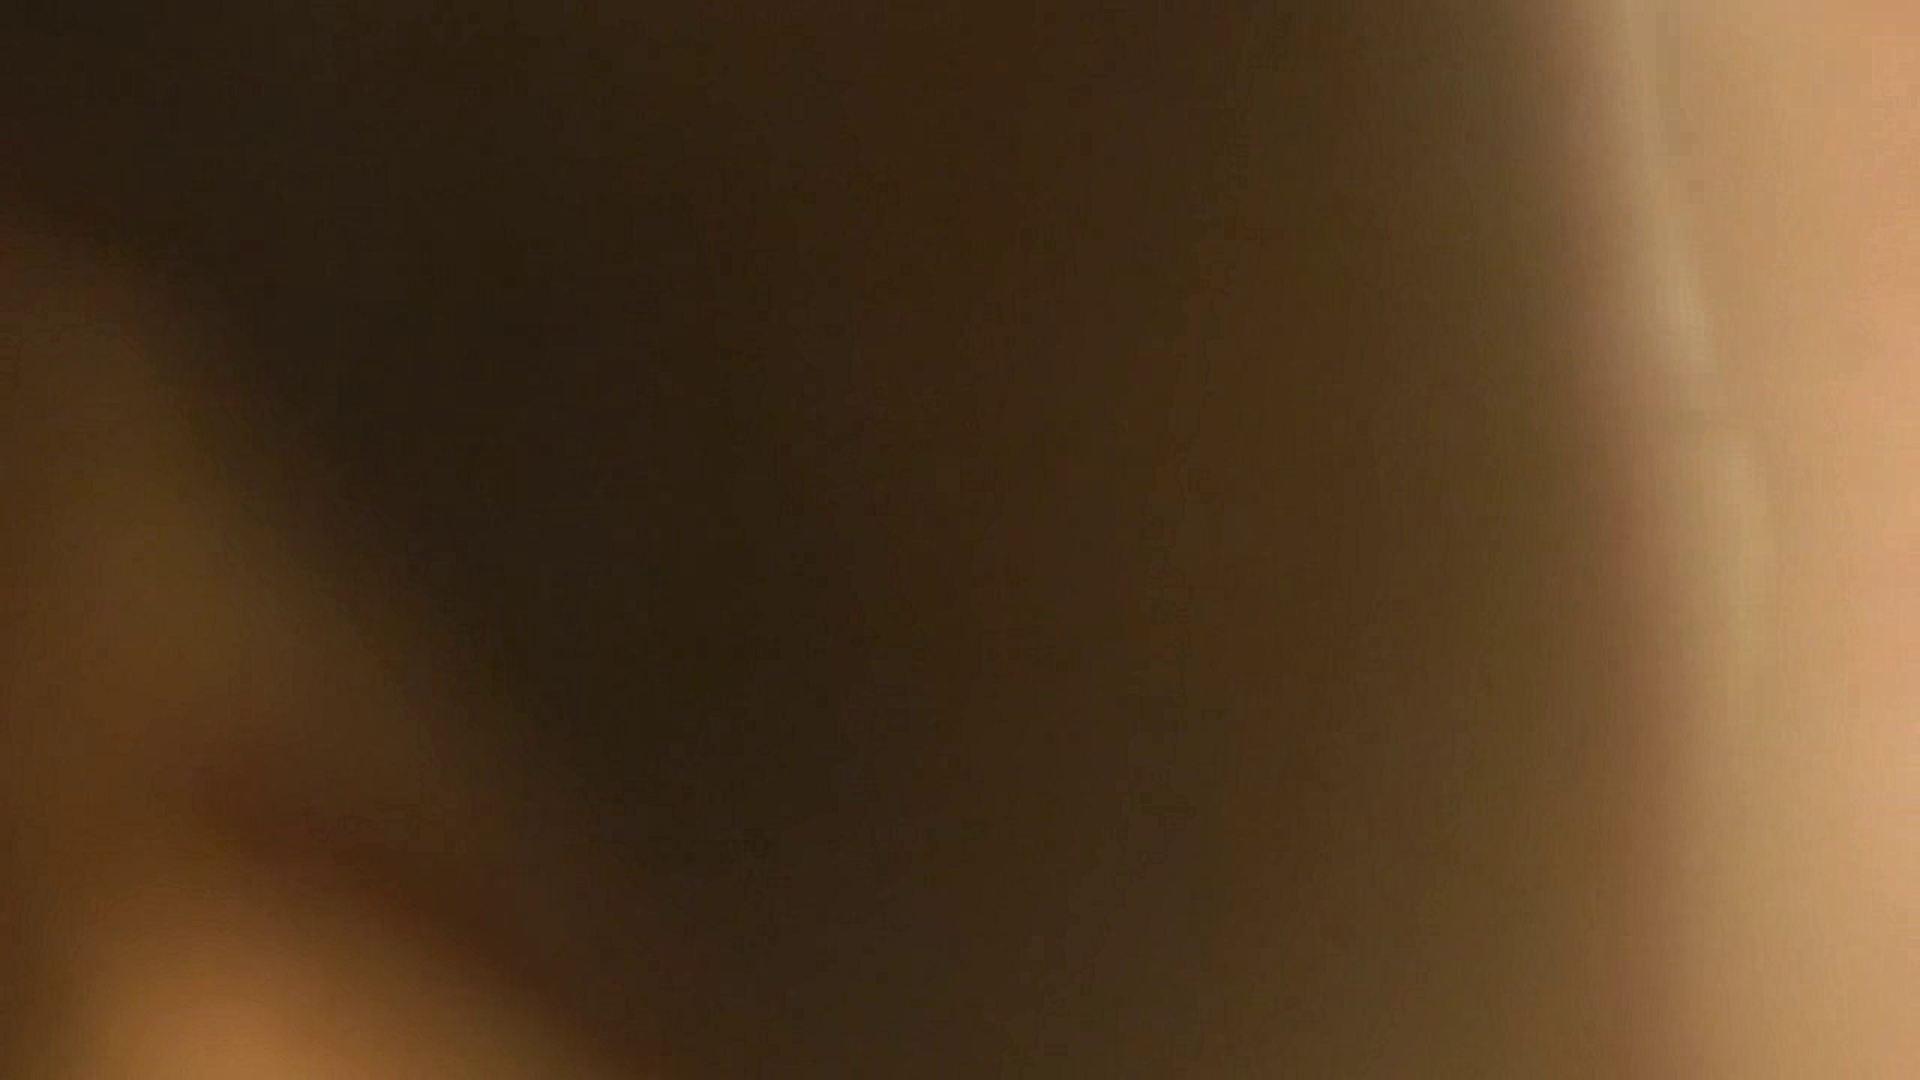 vol.1 Mayumi 窓越しに入浴シーン撮影に成功 入浴中の女性   OLのボディ  57PIX 29